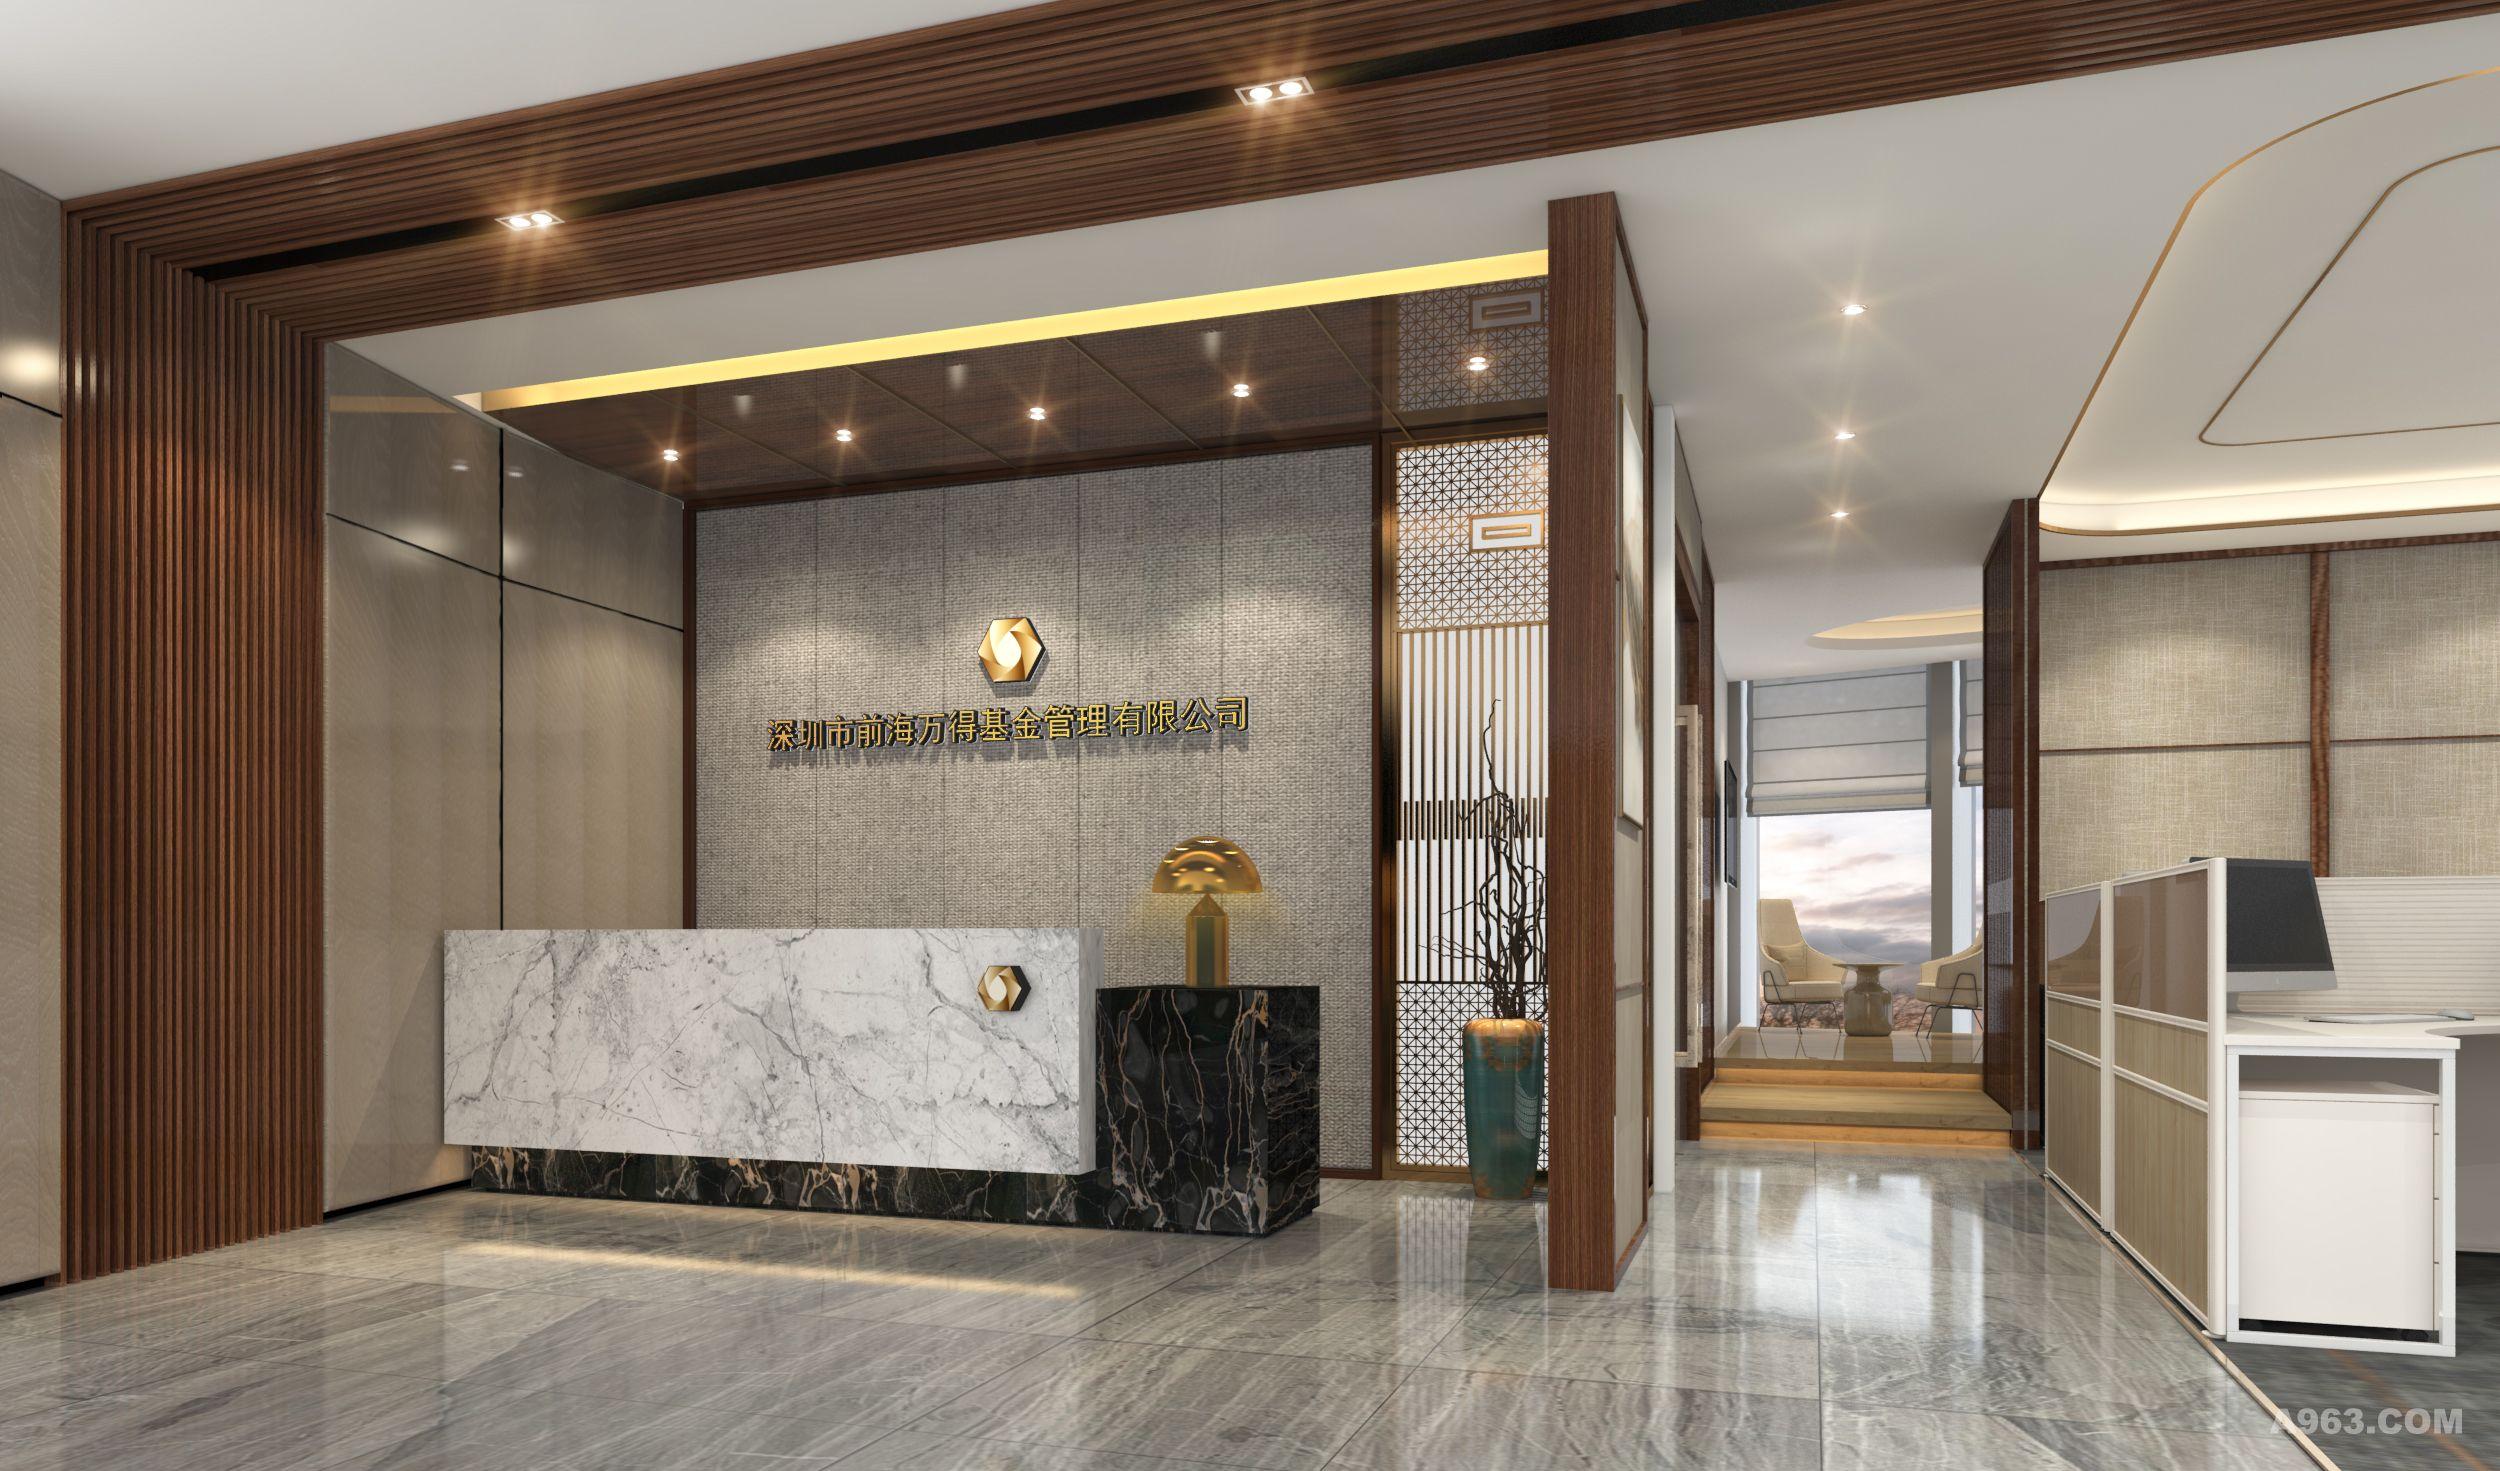 卓越金融办公室设计